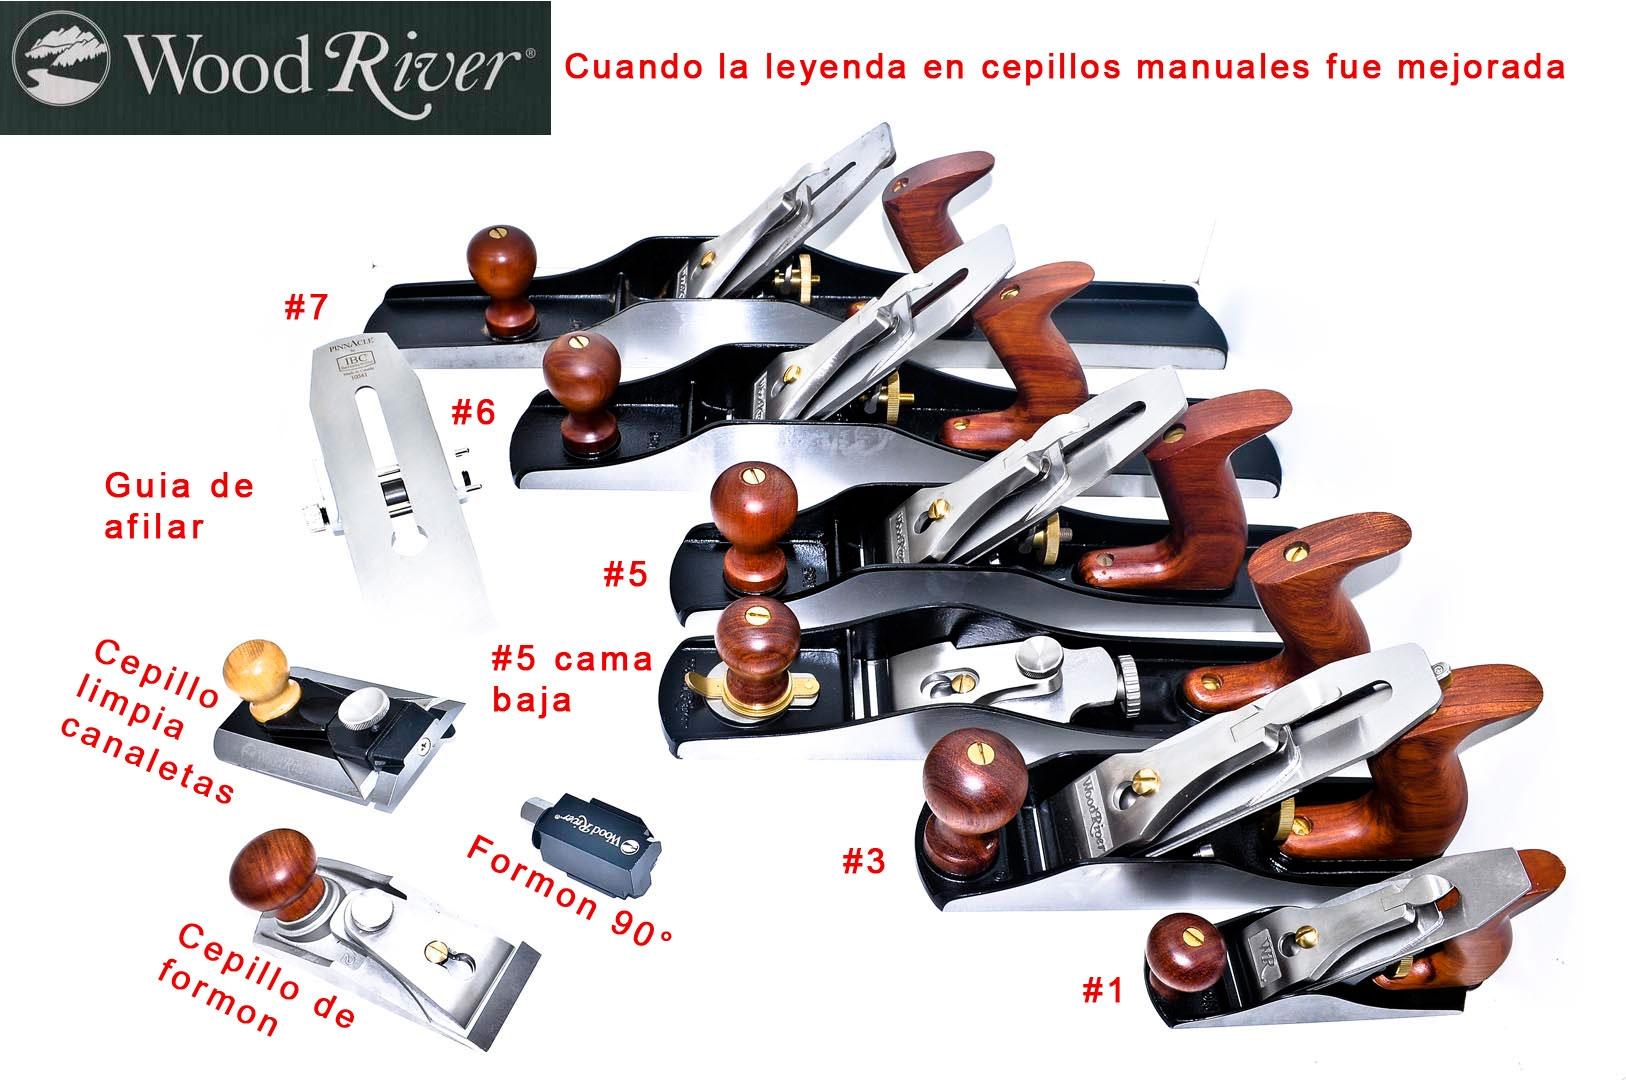 150873-Cepillo 3 bedrock de alisar manual de carpinteria WoodRiver 150873-max-6.